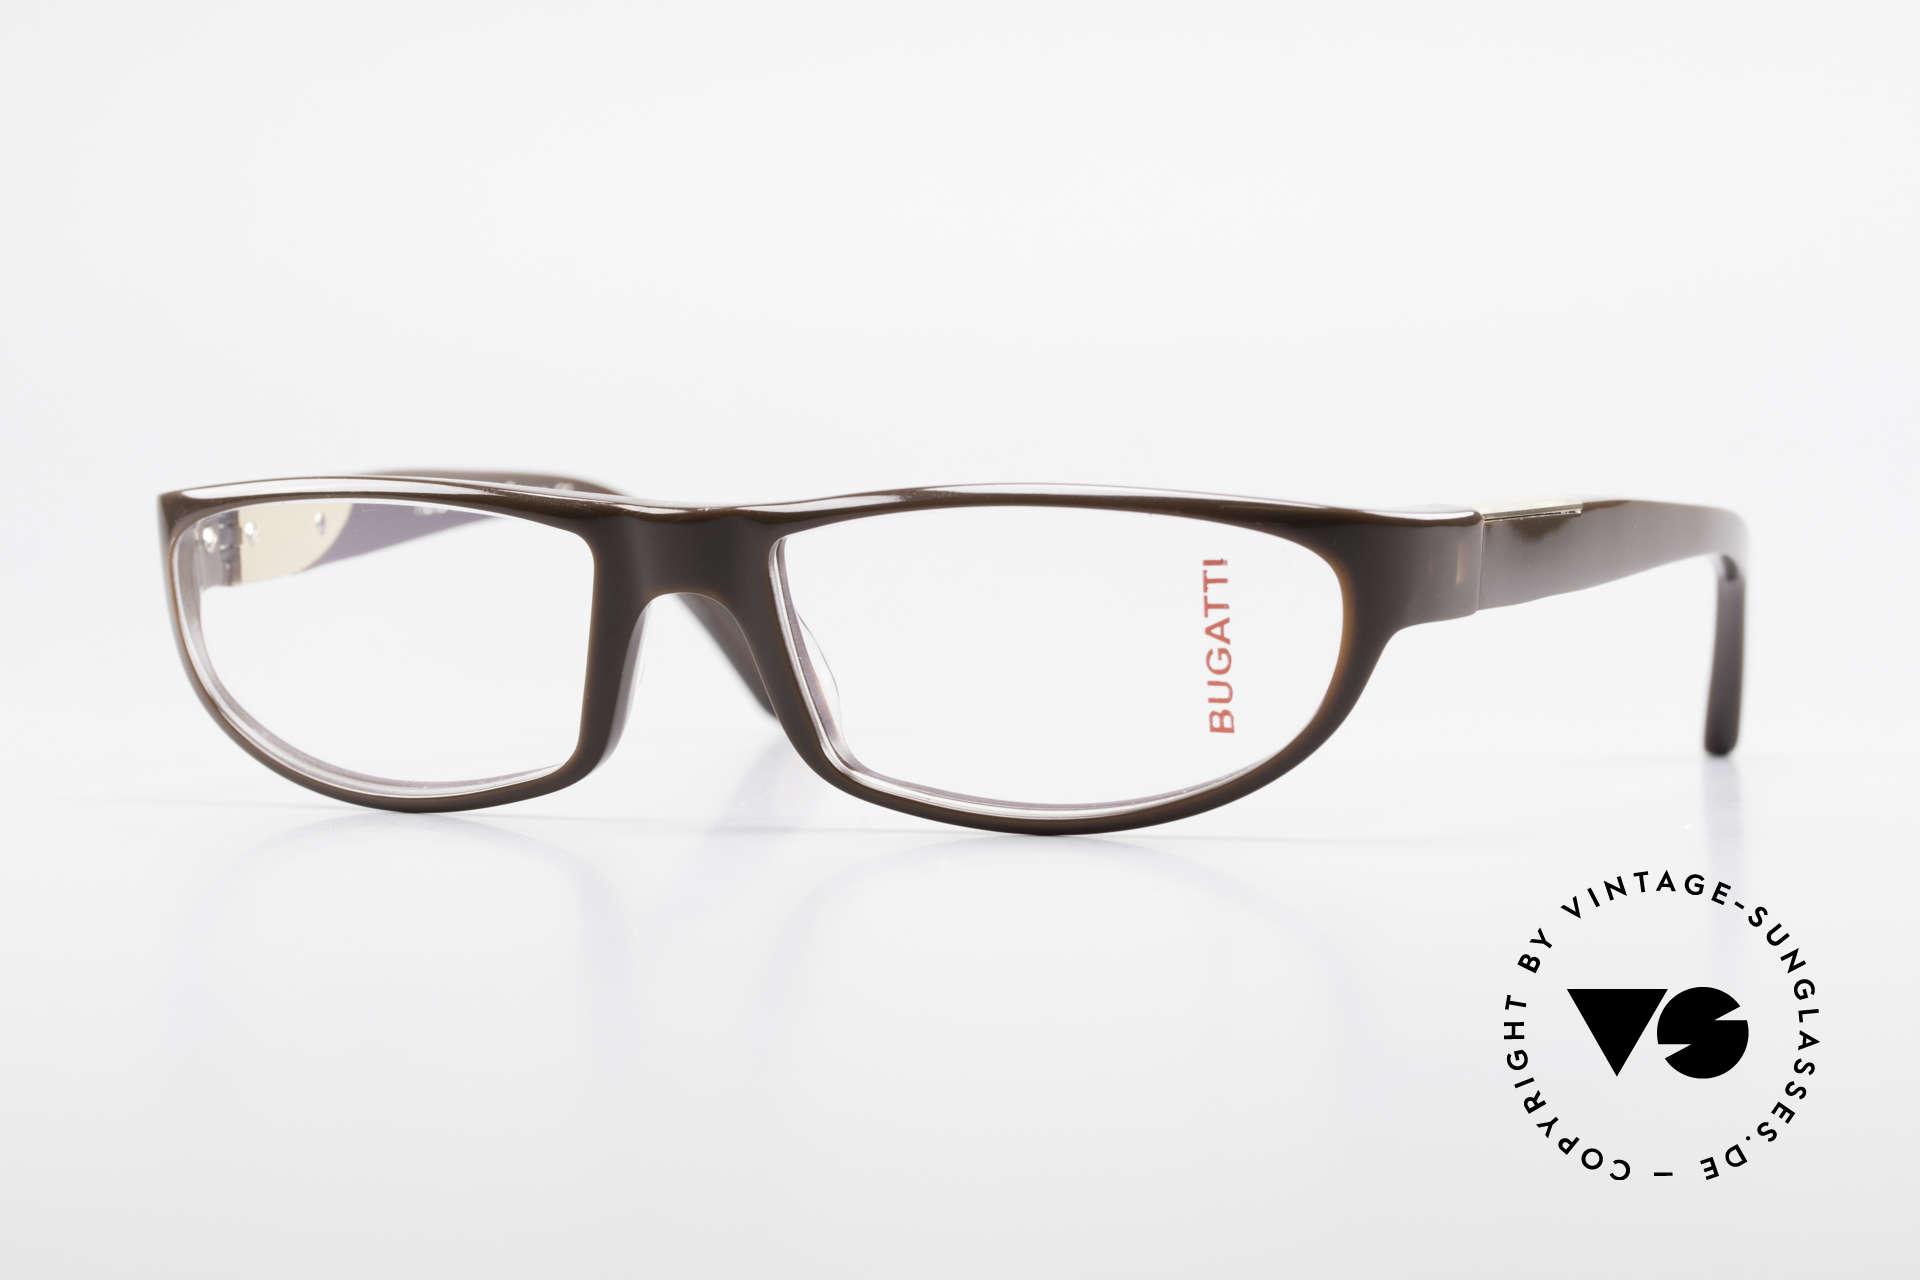 Bugatti 534 Markante Vintagebrille Luxus, markante Kunststoff Brillenfassung von Bugatti, Passend für Herren